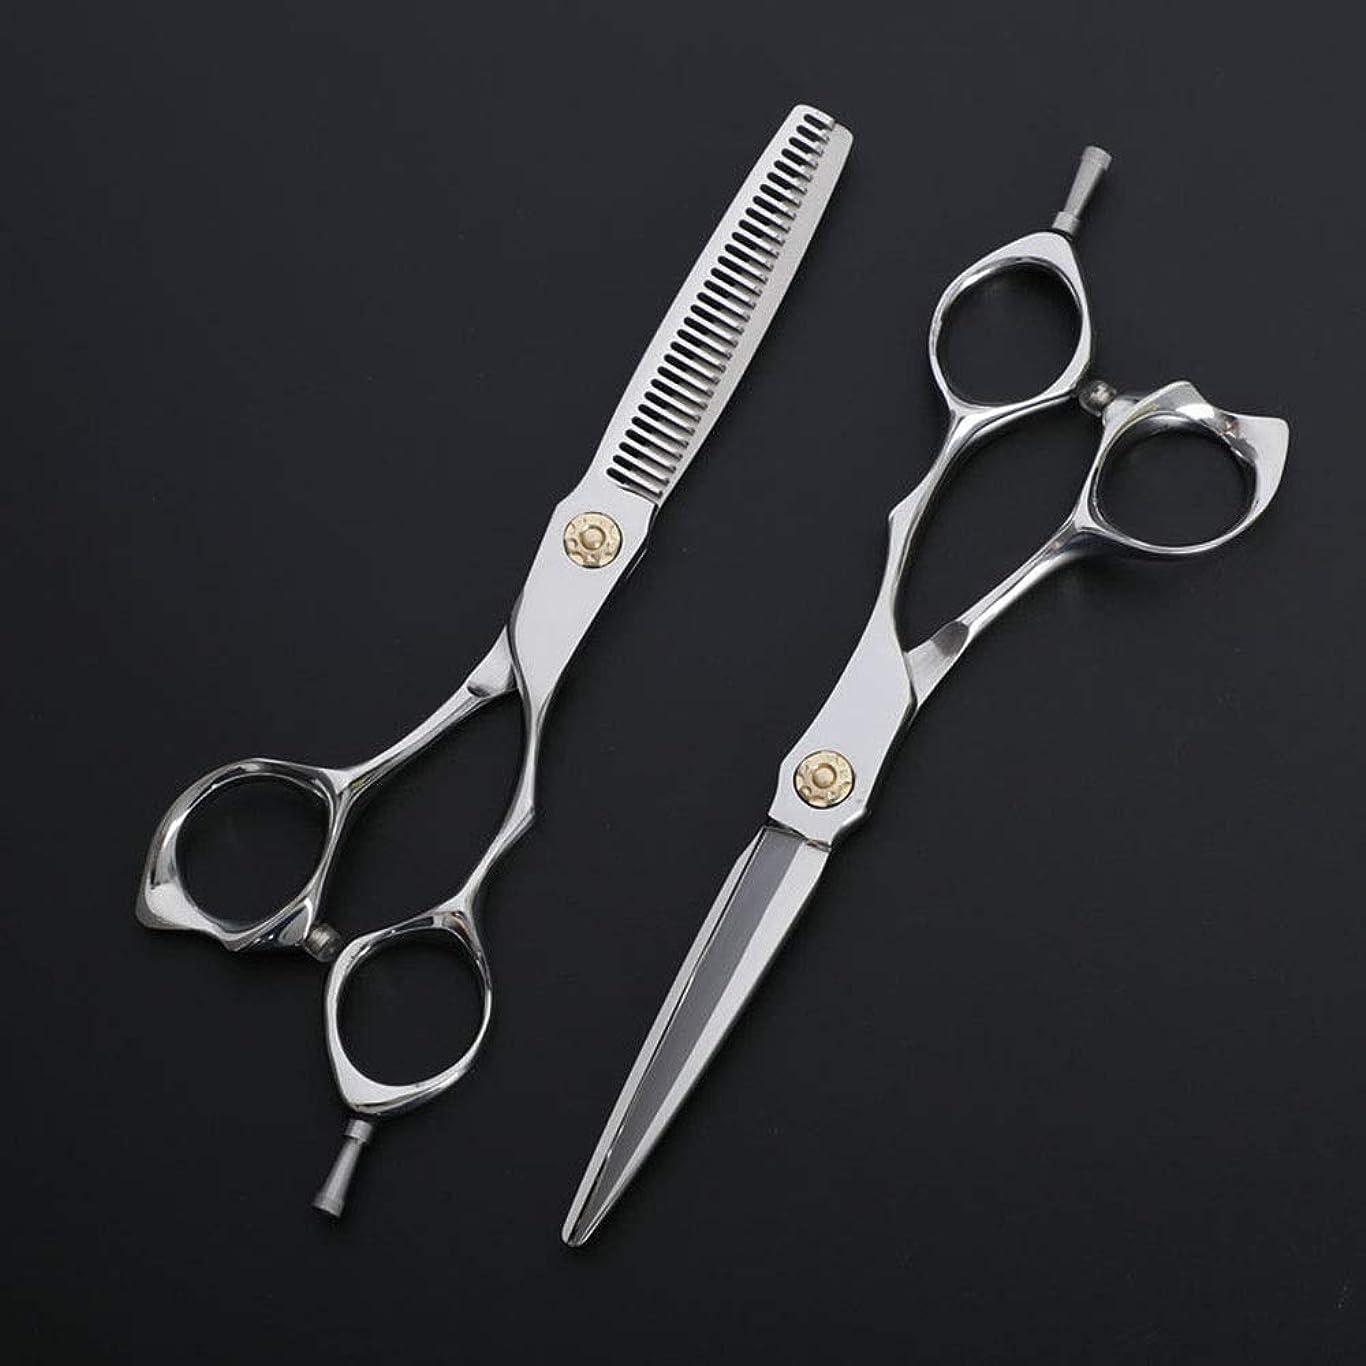 助けになる不倫合計Hairdressing 6インチ理髪はさみ、理髪店の特別なはさみ、ステンレス鋼フラット+歯はさみ散髪セットヘアカットはさみステンレス理髪はさみ (色 : Silver)